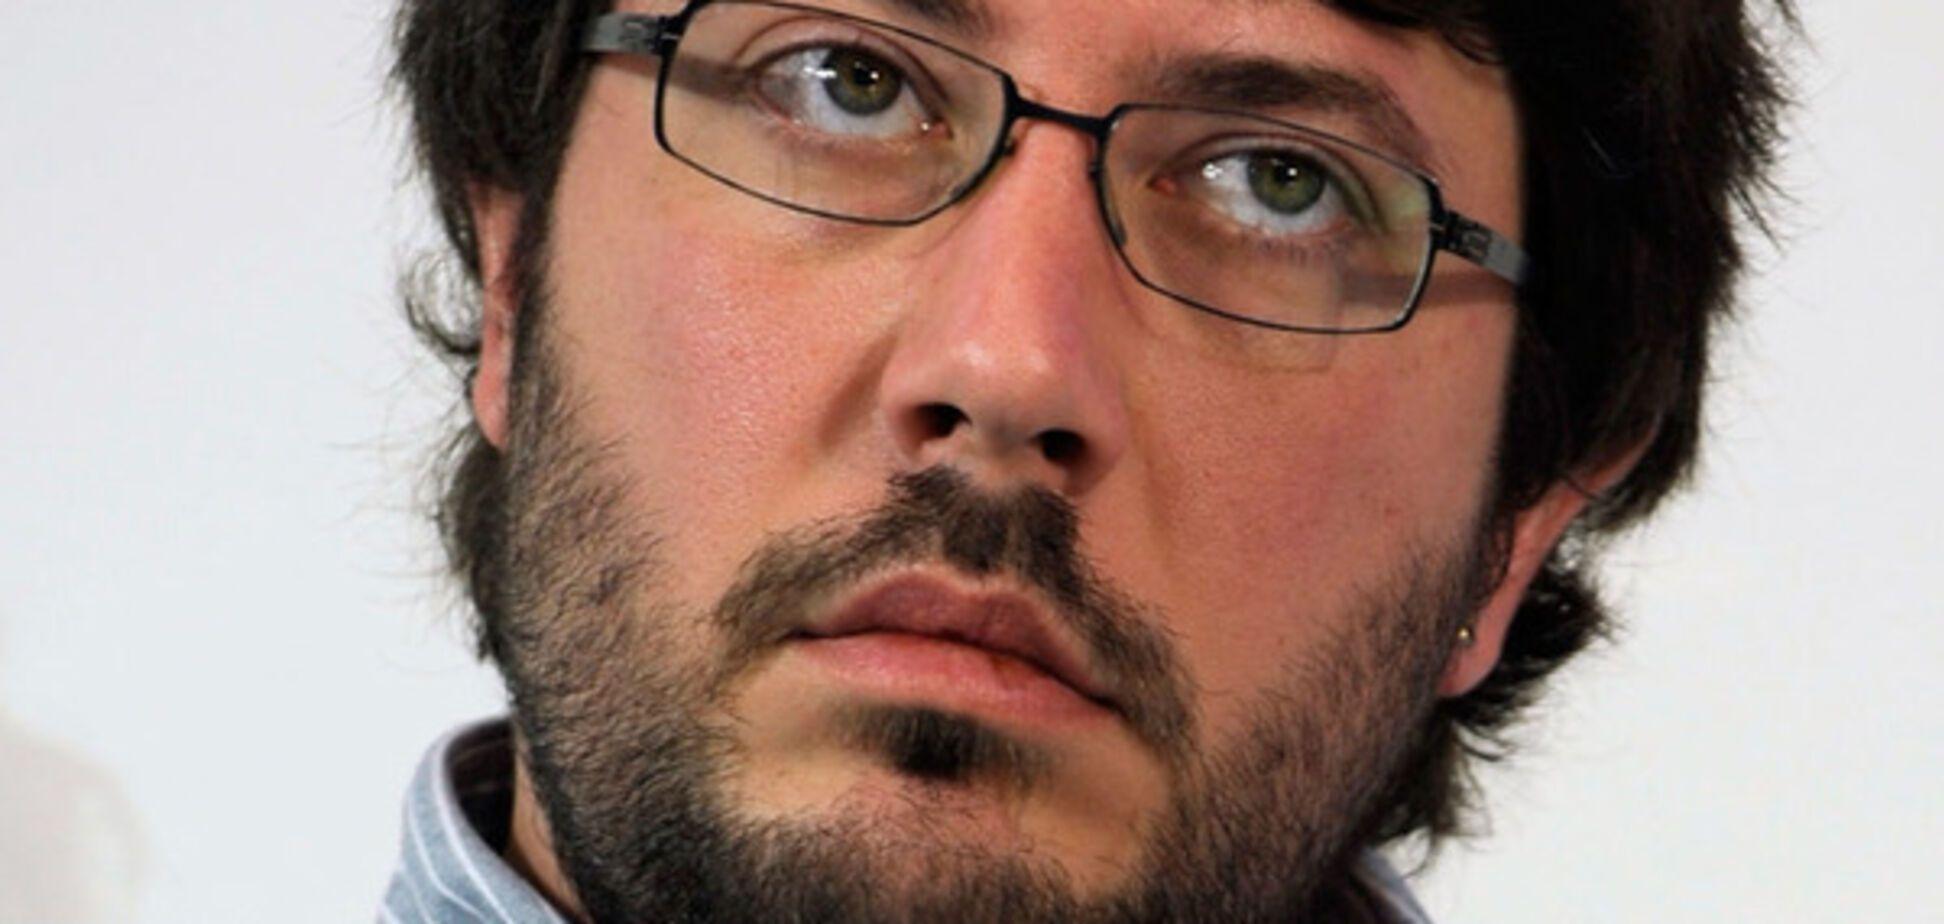 Артемий Лебедев стал персоной нон-грата в Украине